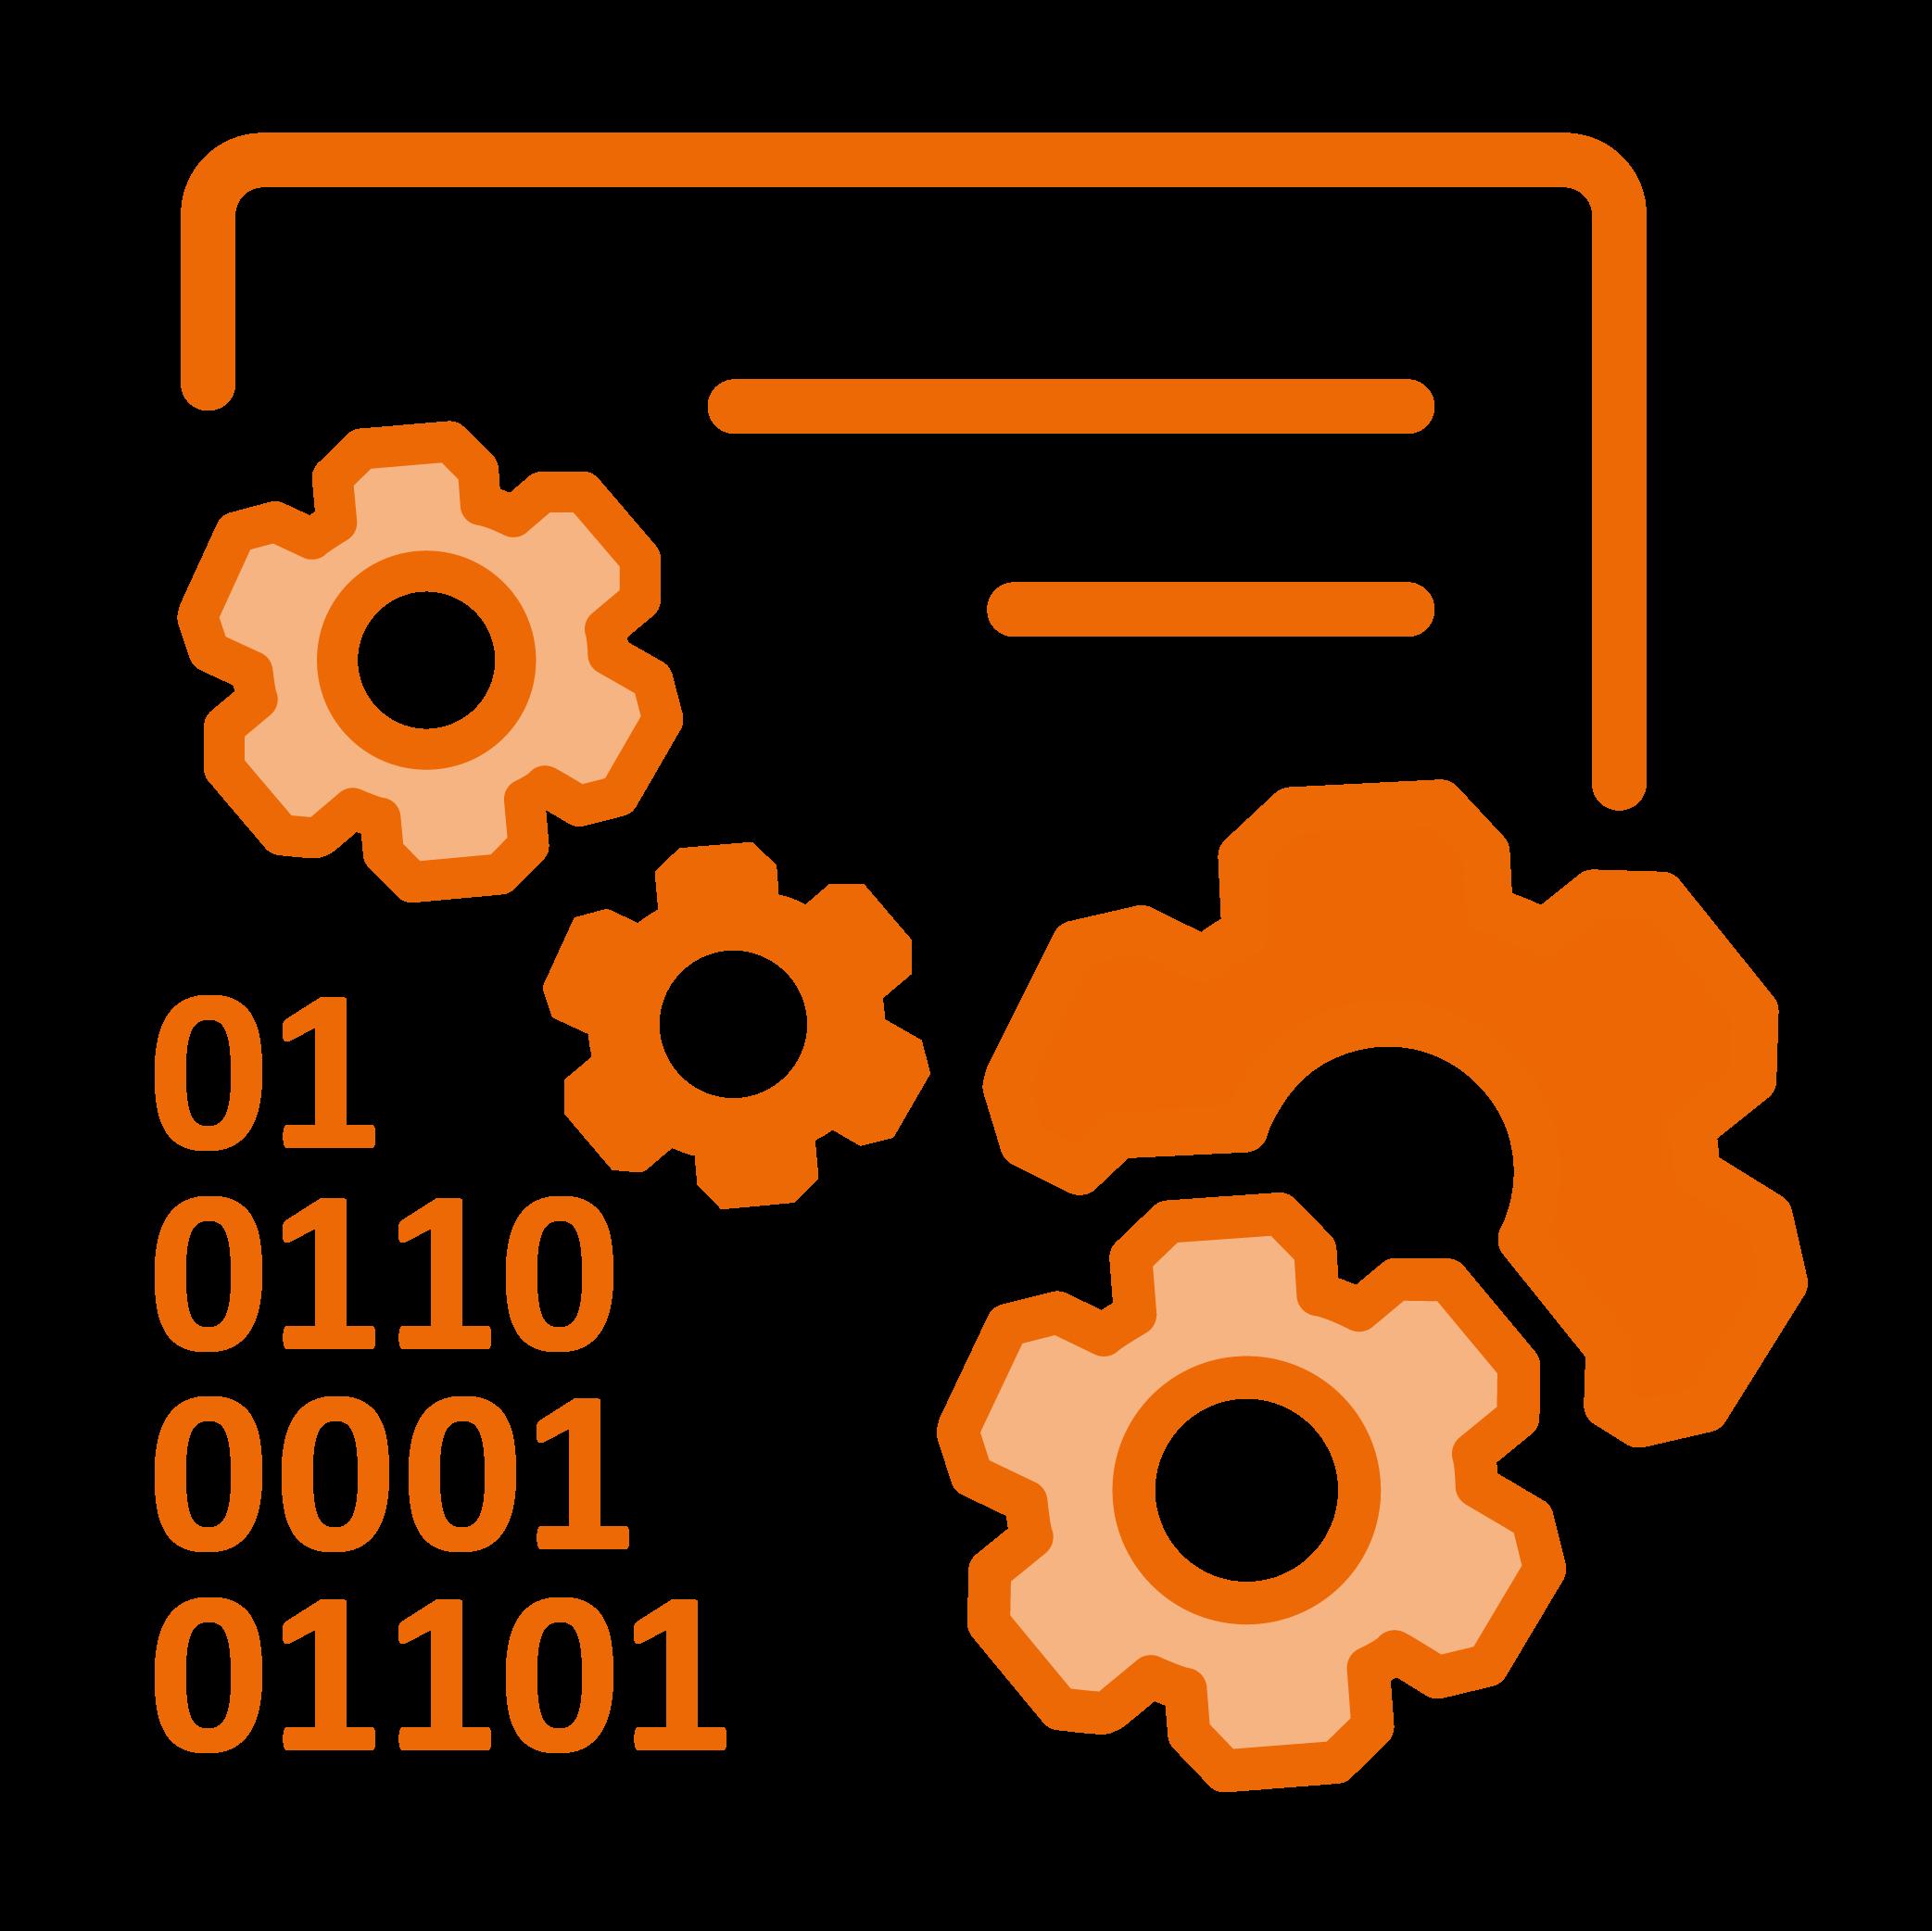 Enterprise grade data integrity